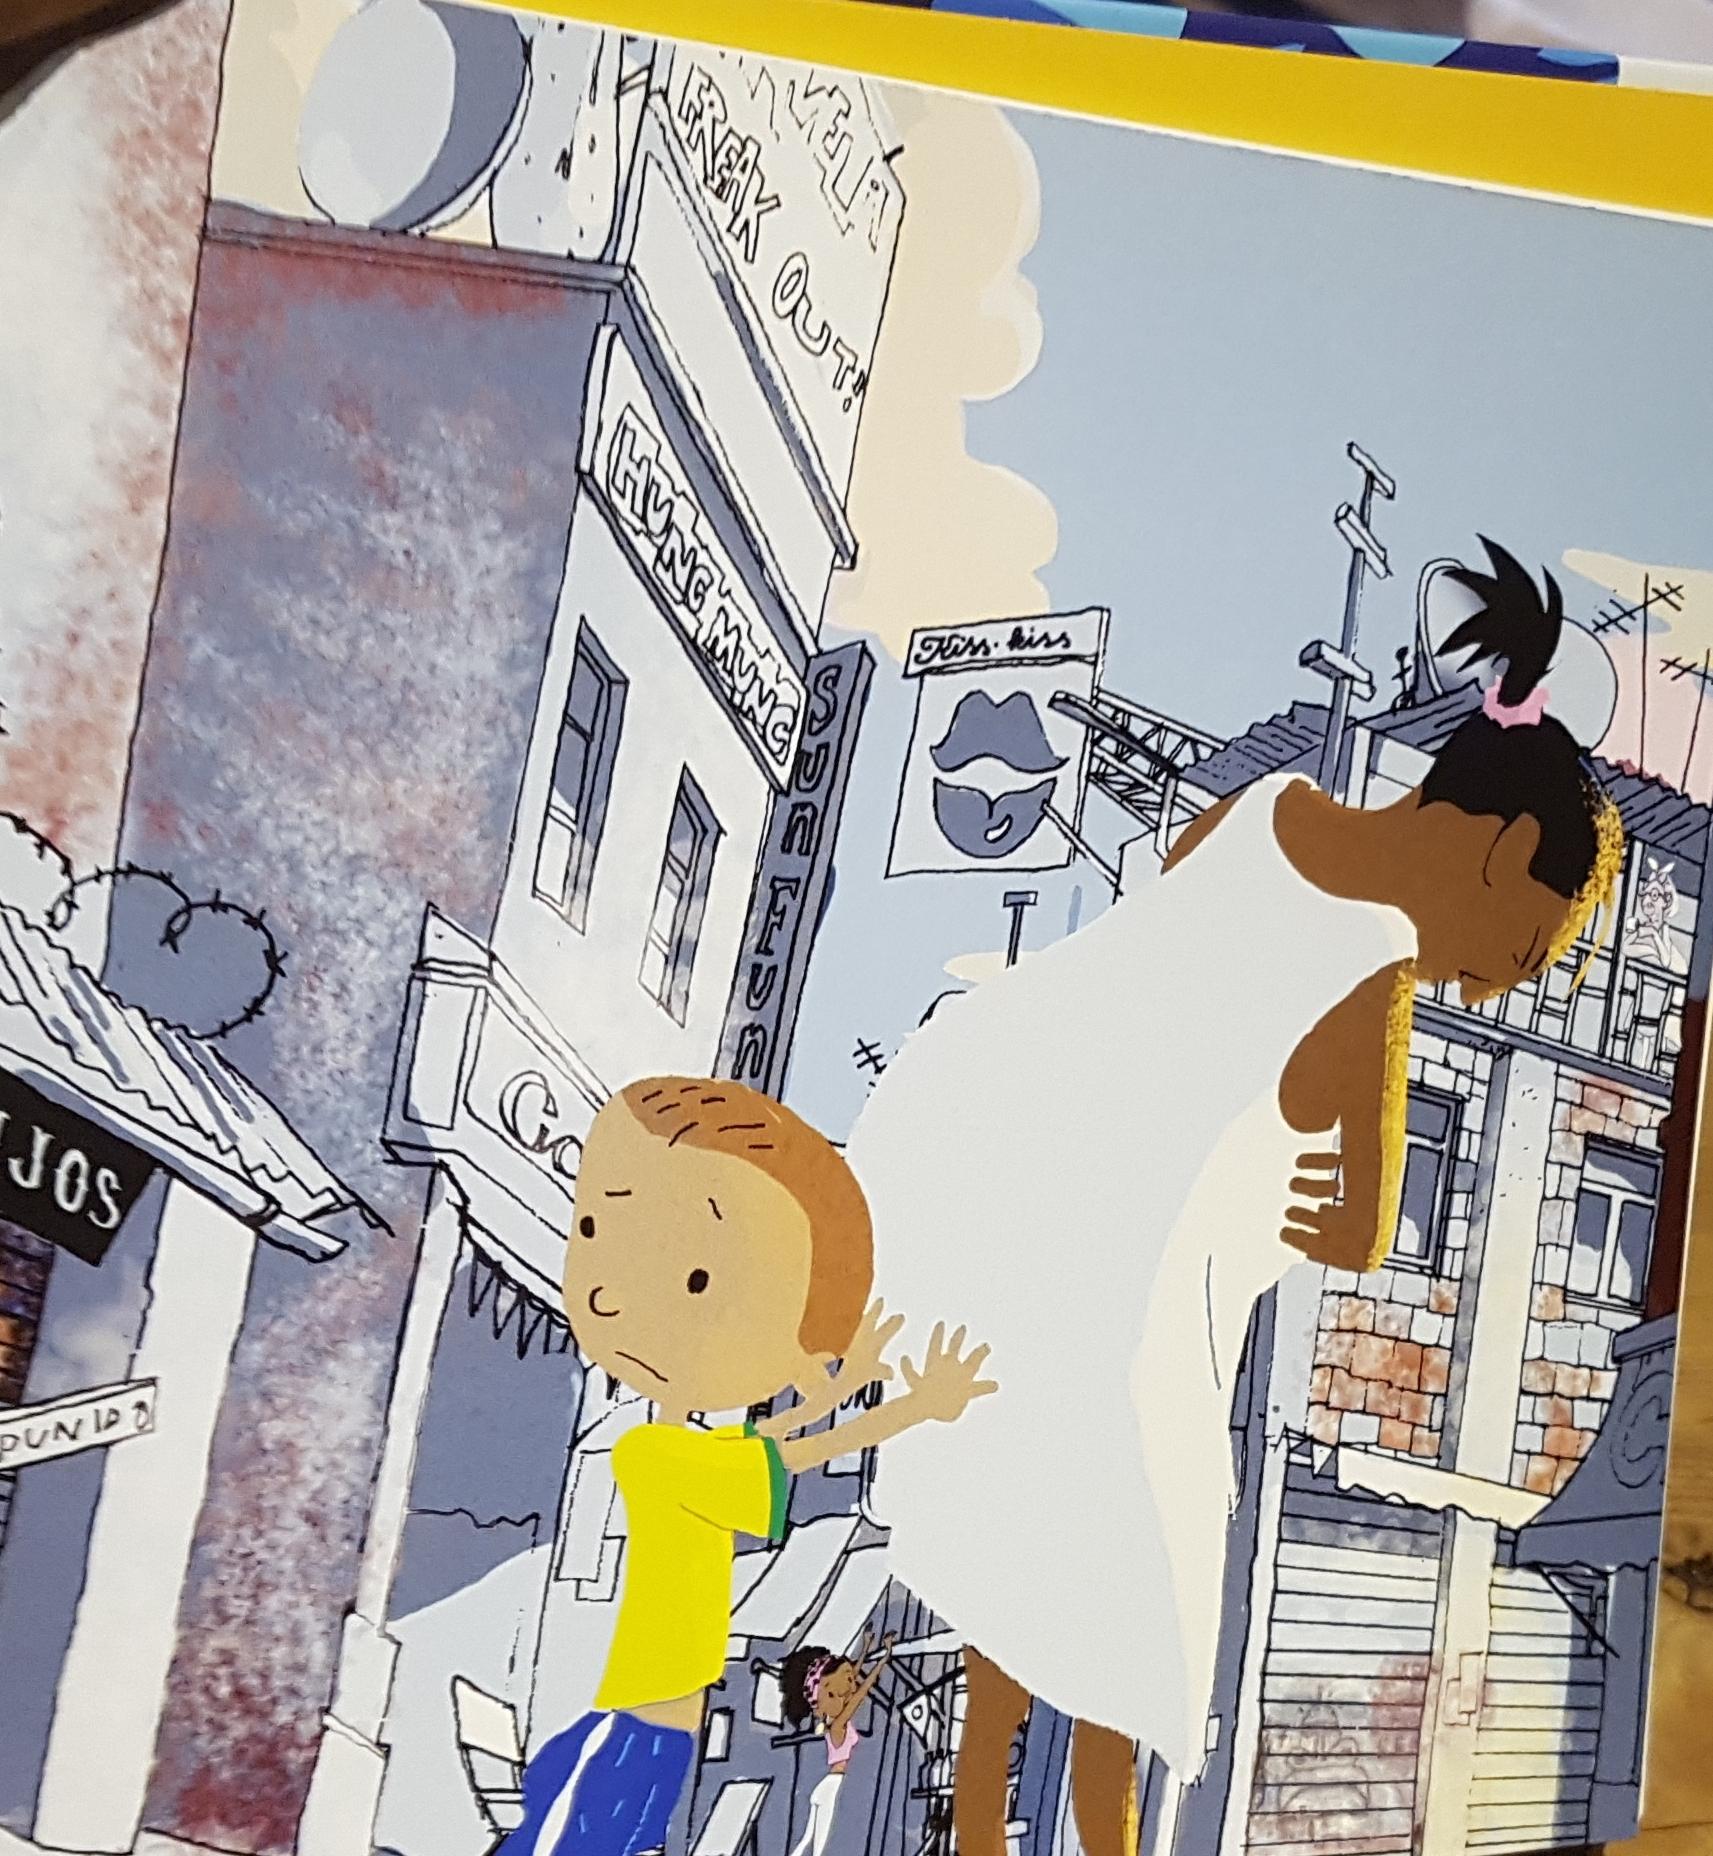 En av flere ilustrasjoner fra boken.